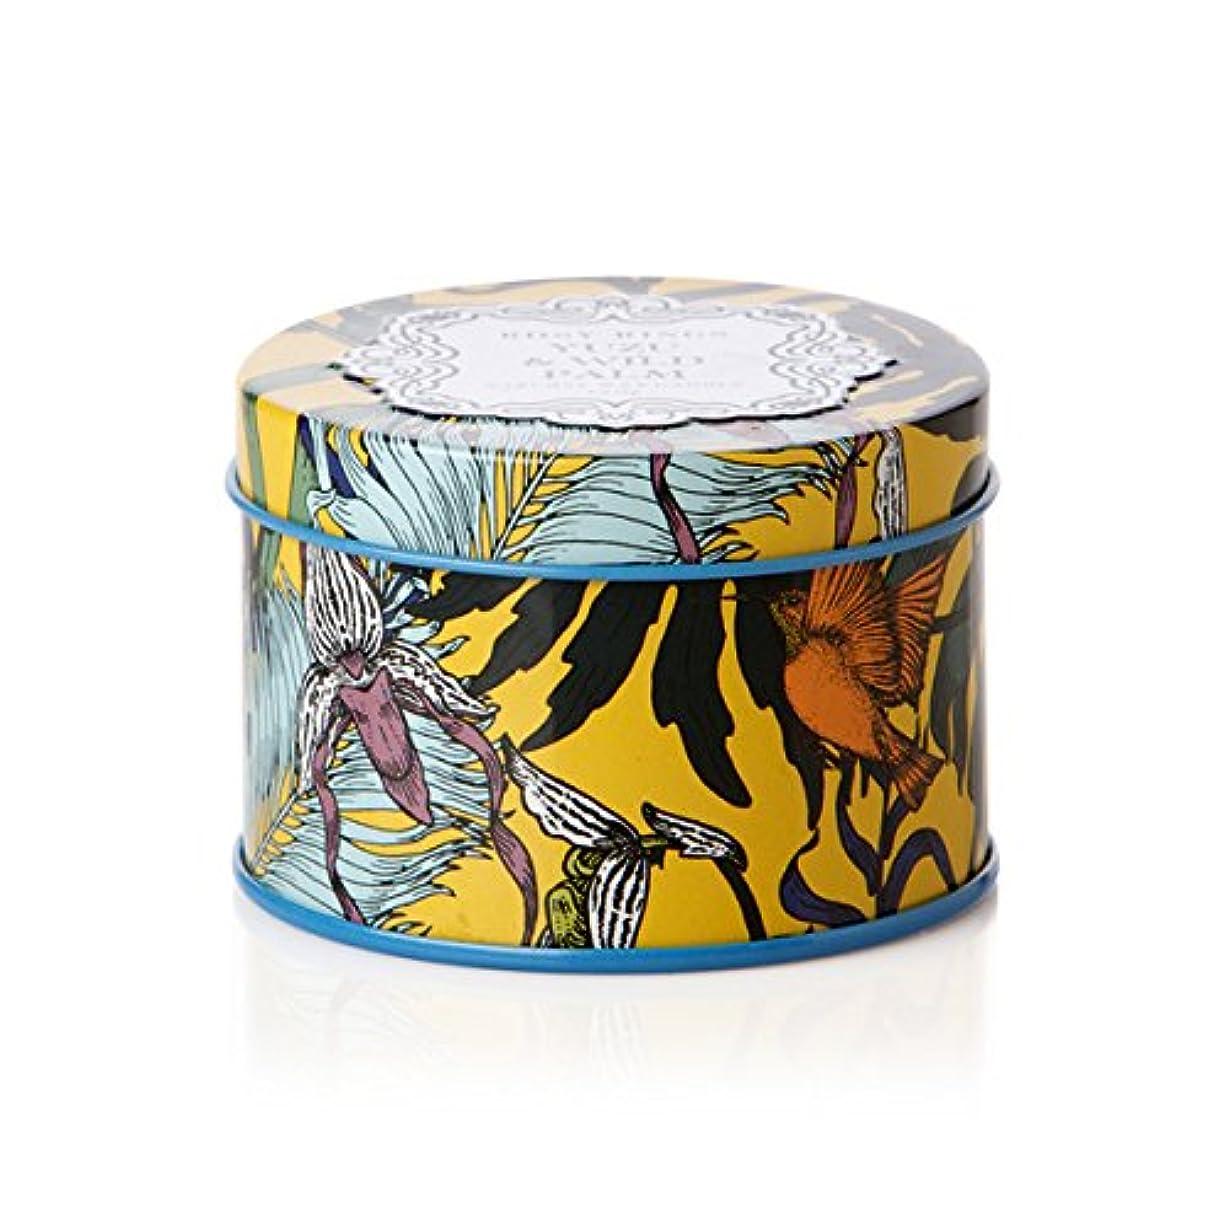 回転傘雪のロージーリングス プティティンキャンドル ユズ&ワイルドパーム ROSY RINGS Petite Tin Yuzu & Wild Palm